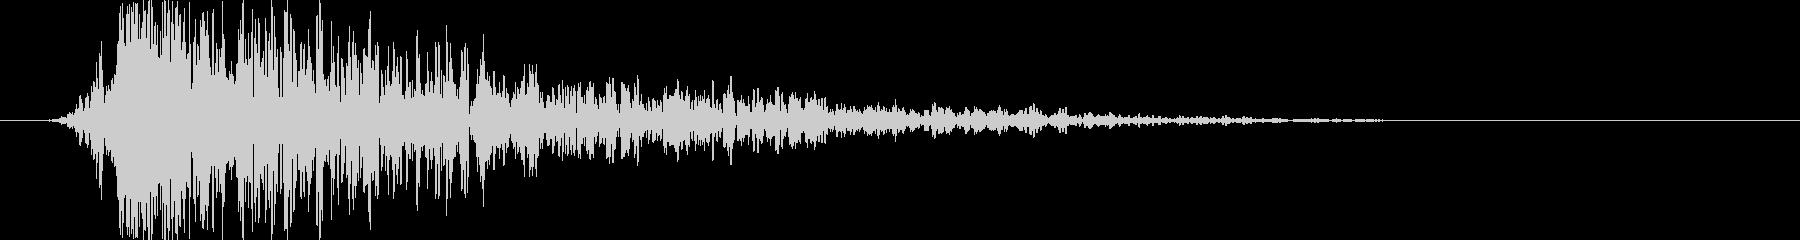 衝撃 ワム32の未再生の波形